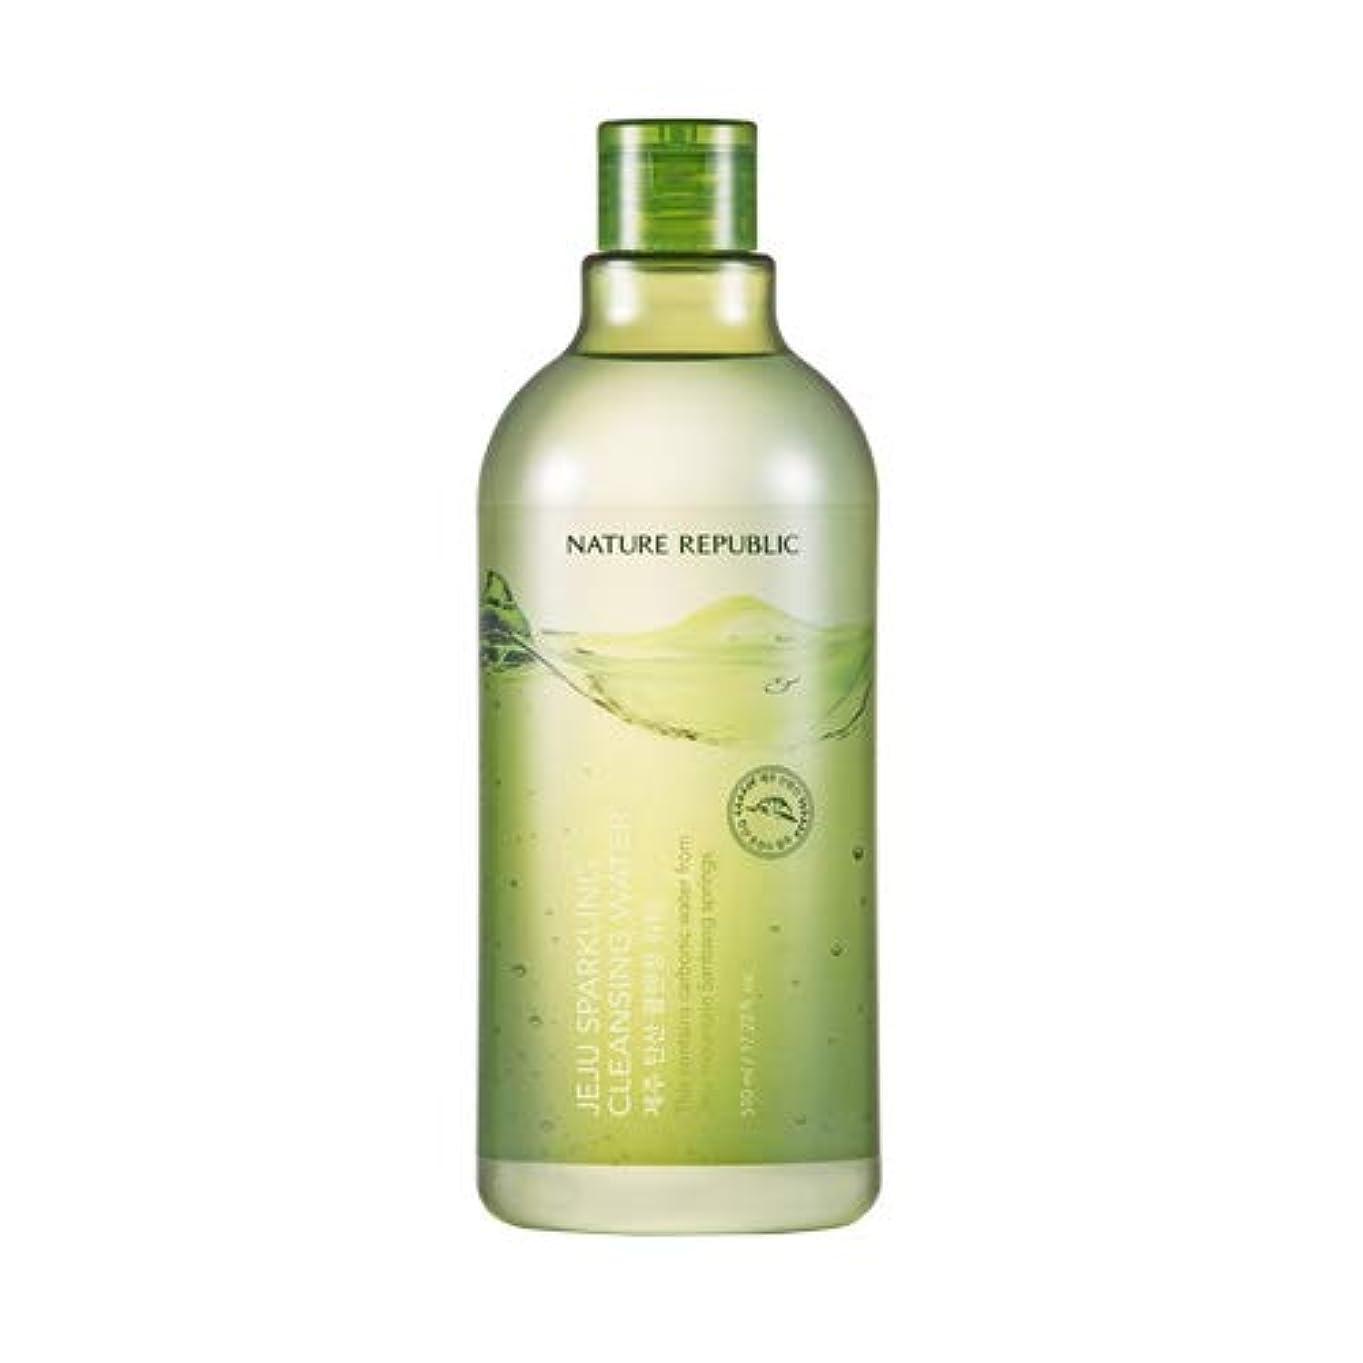 靴下彼らの沼地Nature republic Jeju Sparkling(Carbonic) Cleansing Water ネイチャーリパブリック済州炭酸クレンジングウォーター 510ml [並行輸入品]